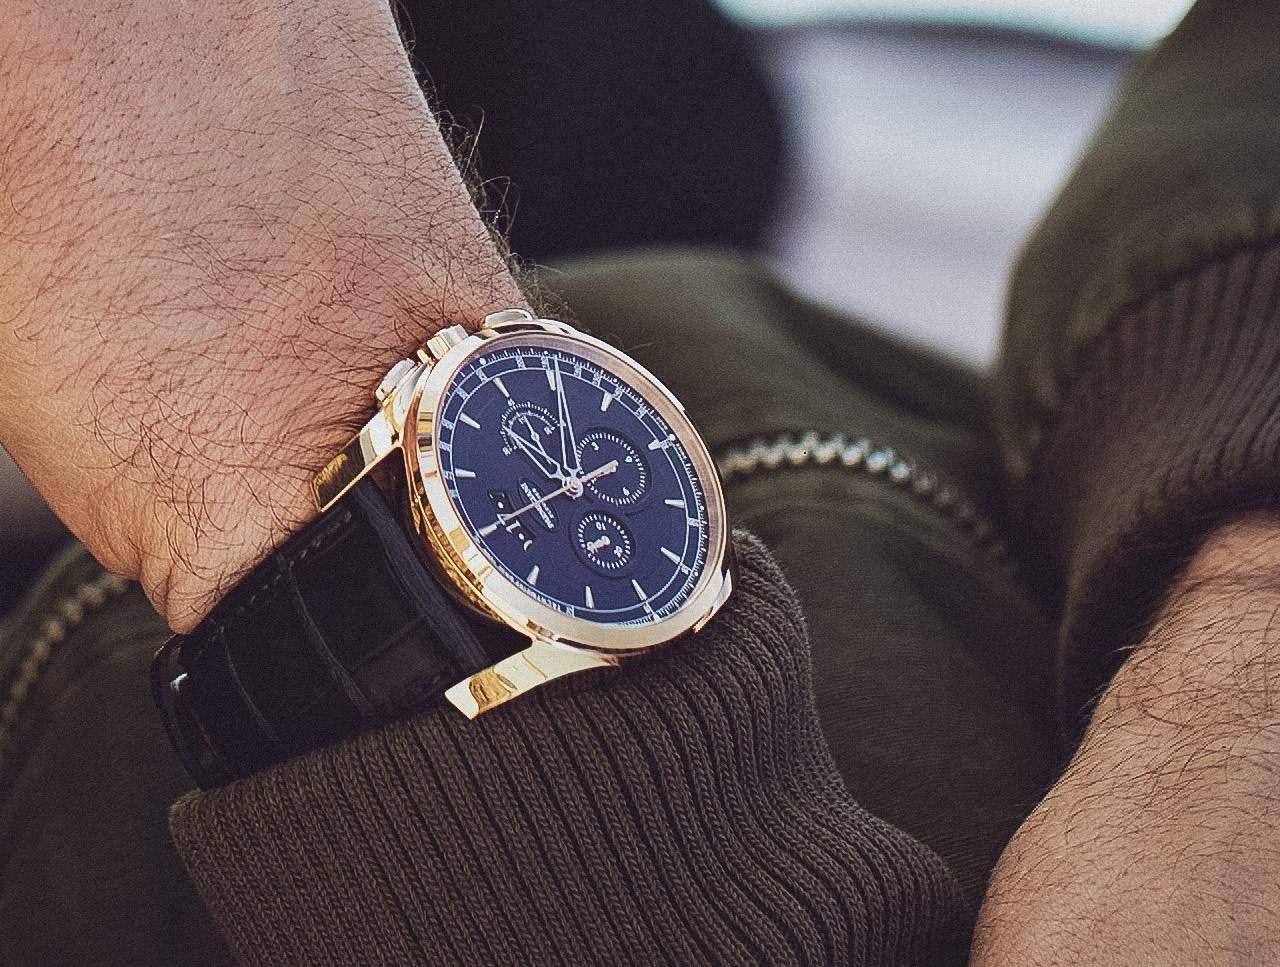 Stilkolumne Lifestyle Uhren und Lifestyle: Da geht mehr, meine Herren!